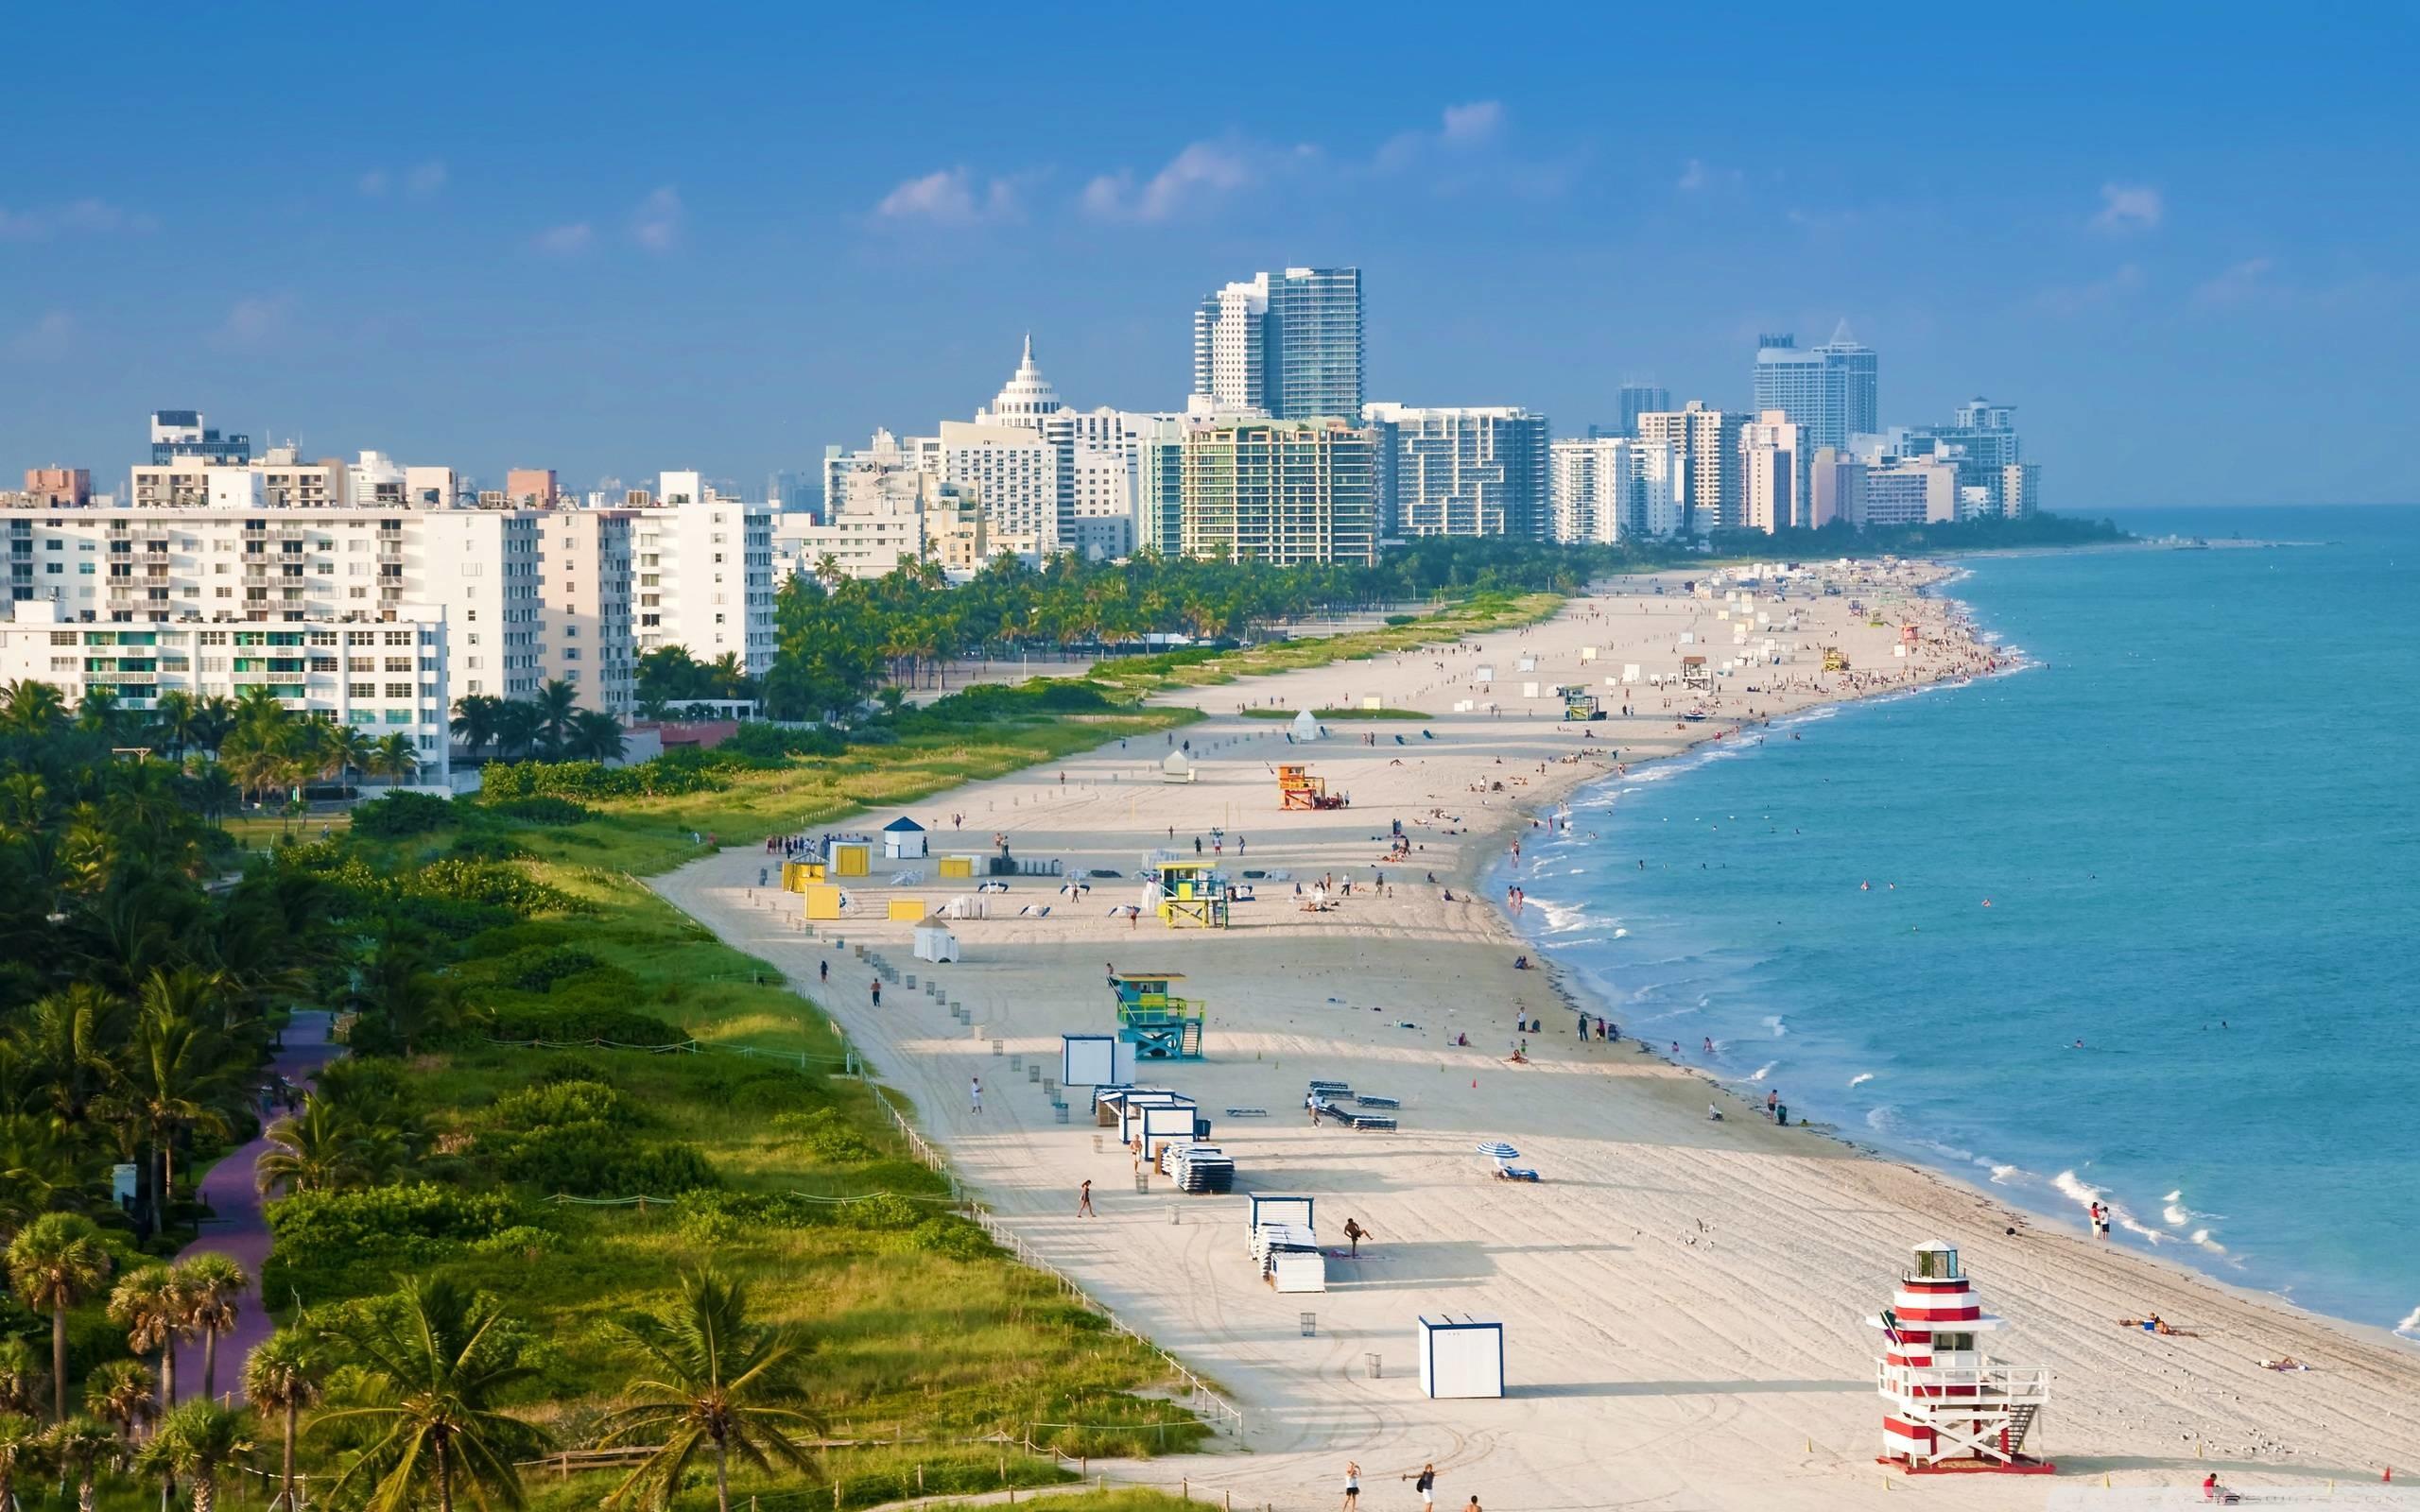 High Resolution Miami Beach Wallpaper